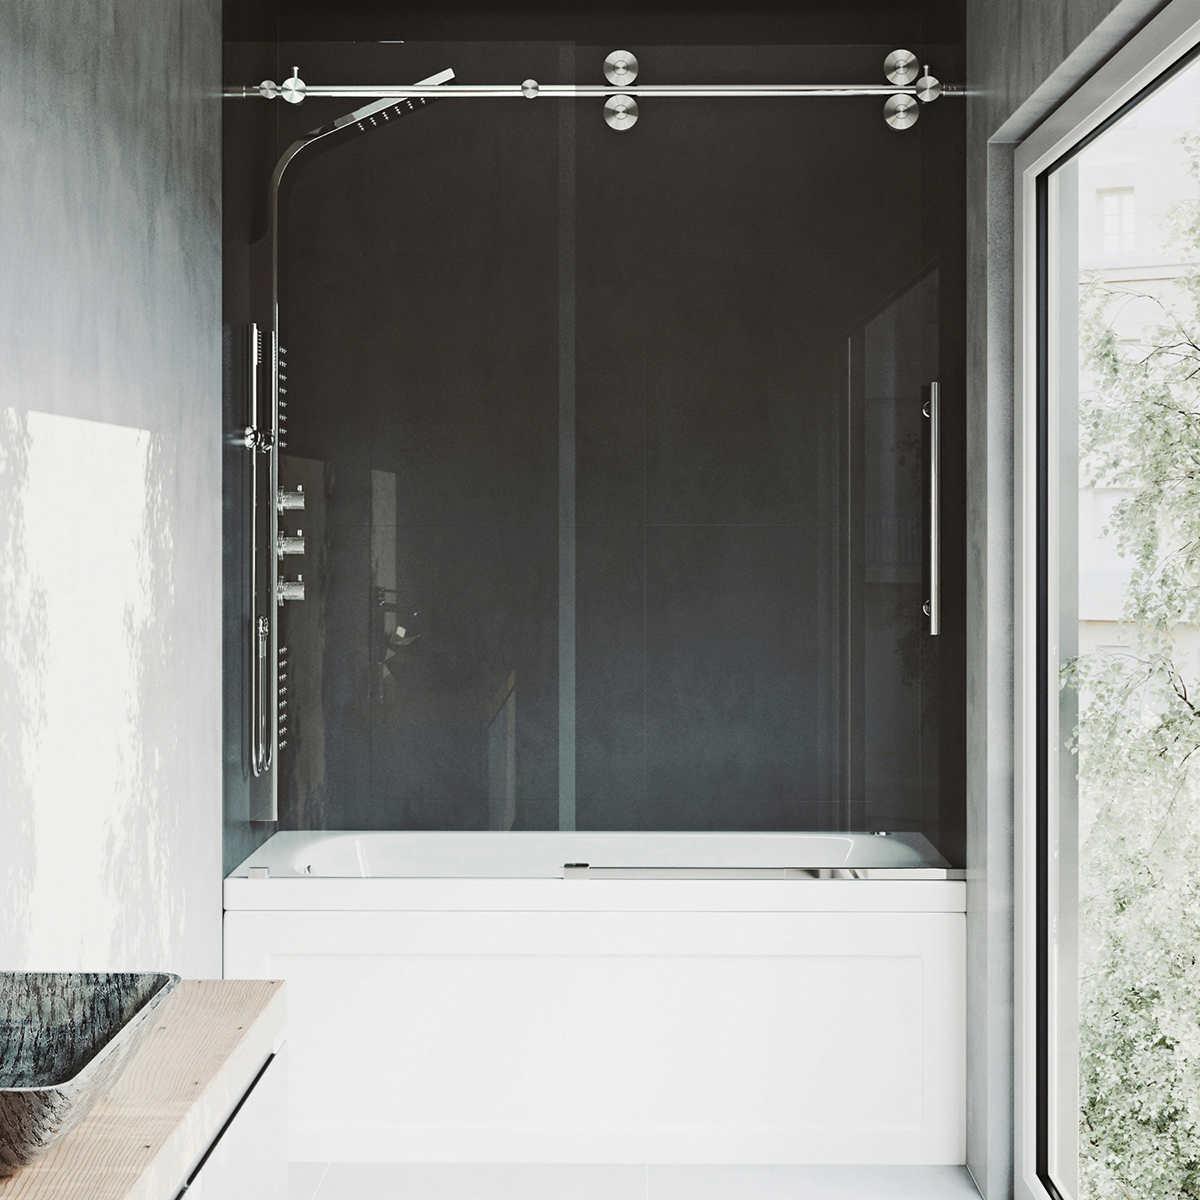 VIGO Elan 72-in. Chrome Frameless Shower Door